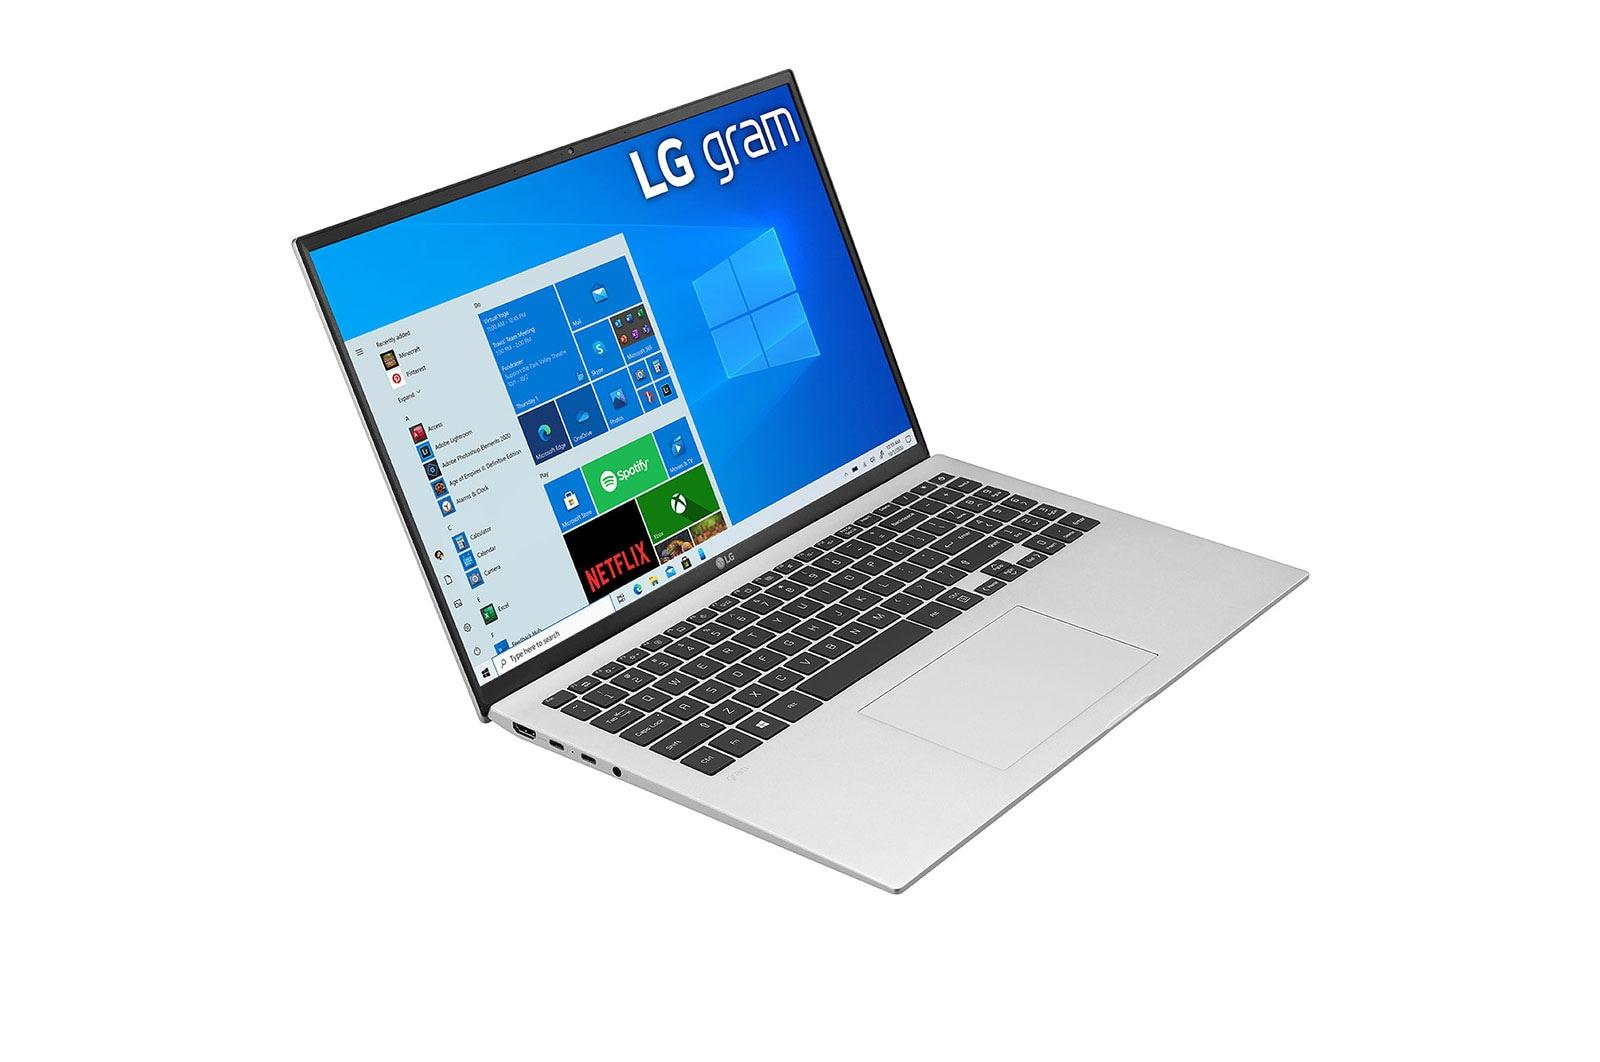 LG Laptop LG gram 16'', Windows 10 Home, Intel® Core™ i7 Gen11, 16GB, 256GB, 16:10, Hình từ góc -30 độ và dựng màn, 16Z90P-G.AH73A5